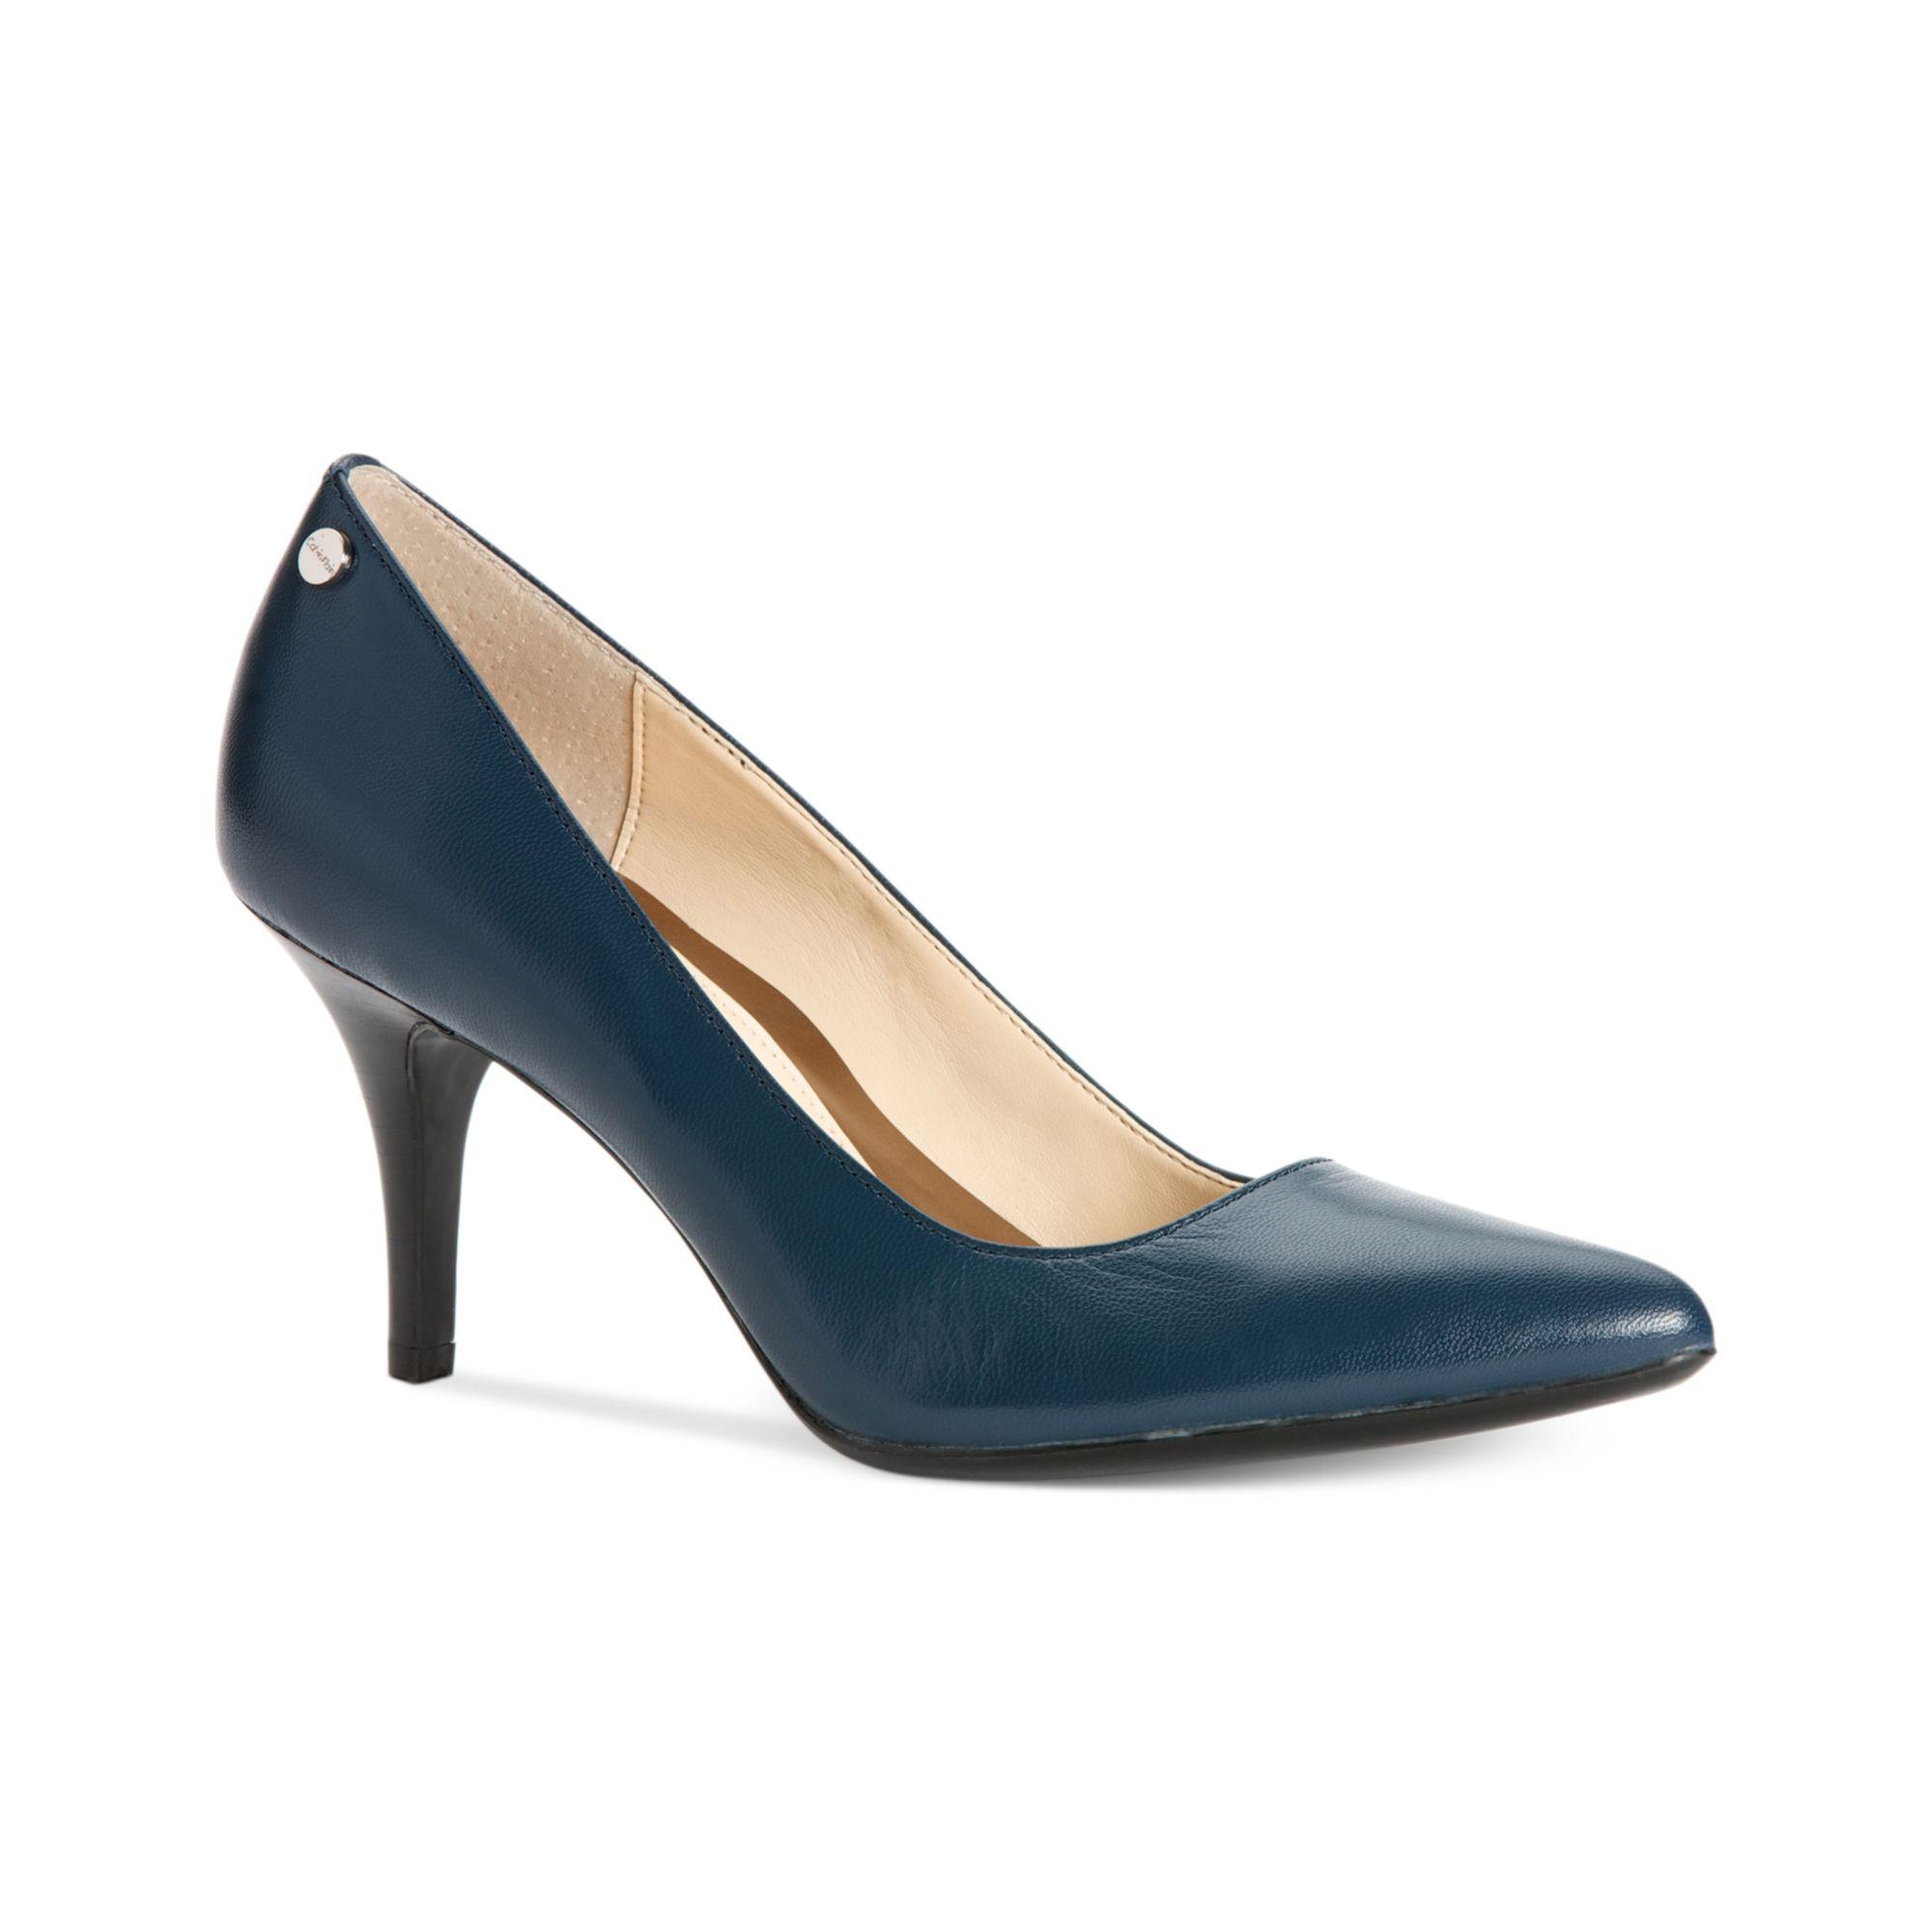 ad72a9ab98b Lyst - Calvin Klein Ashley Pumps in Blue